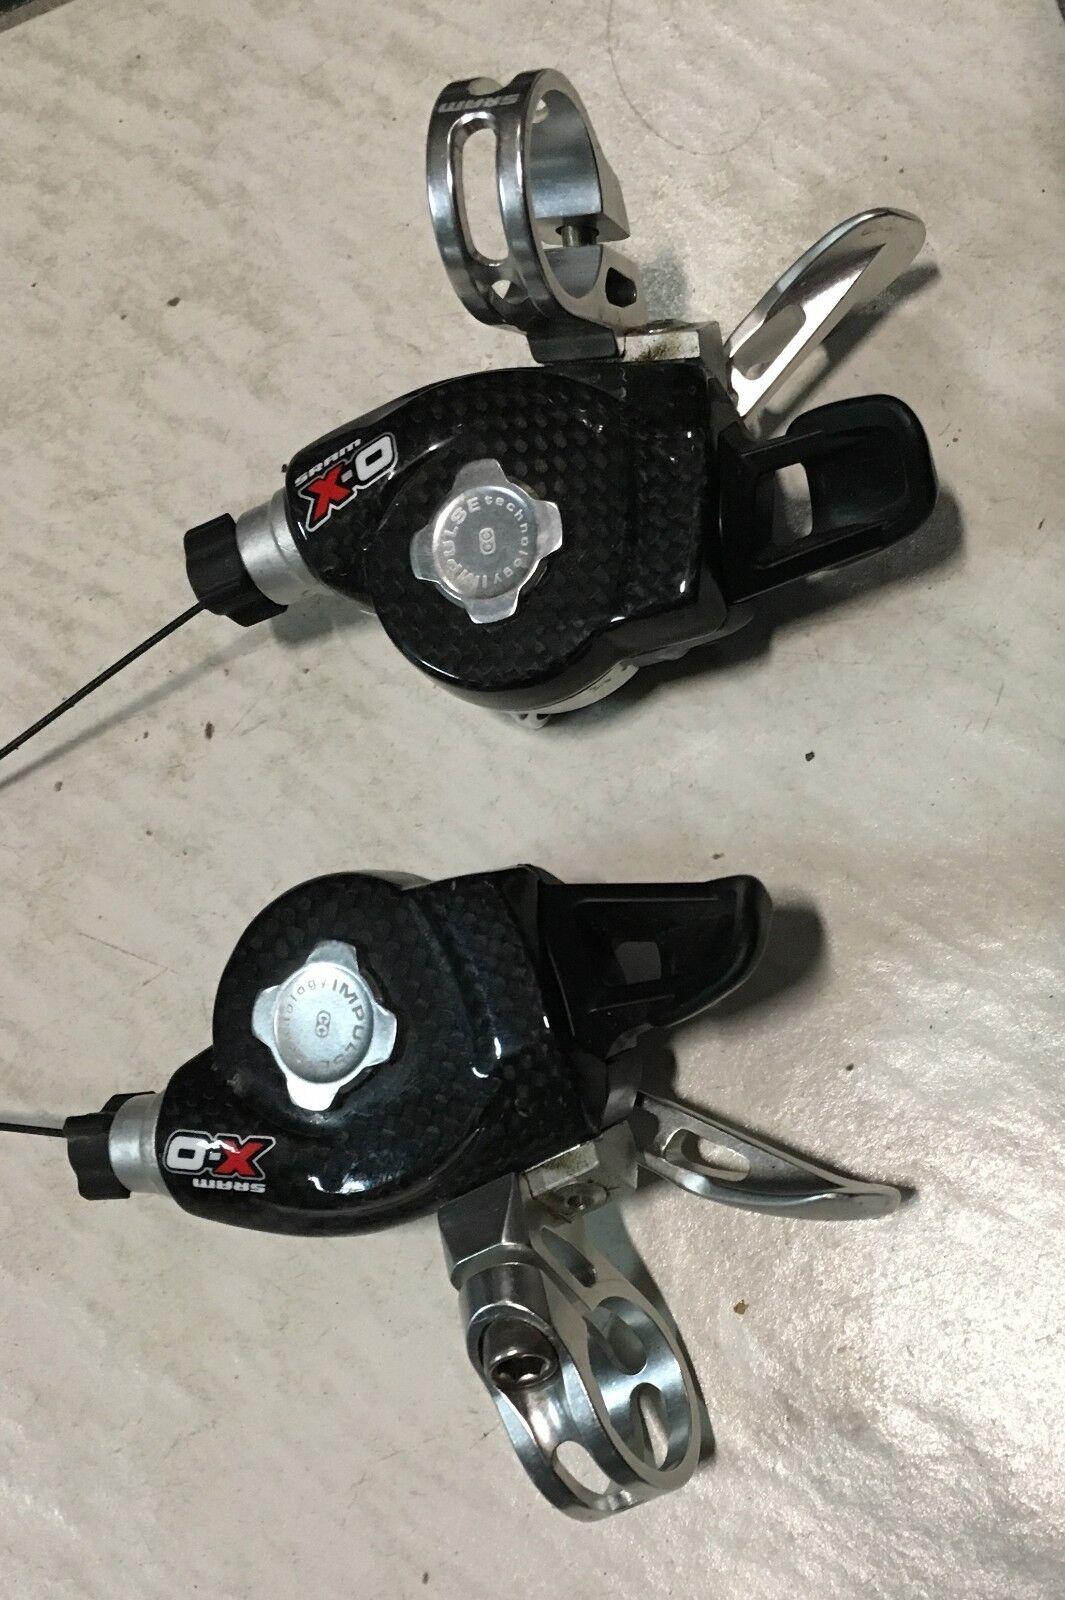 Comandi cambio bici Sram X.0 9x2 trigger post ant mountain bike rf derailleur